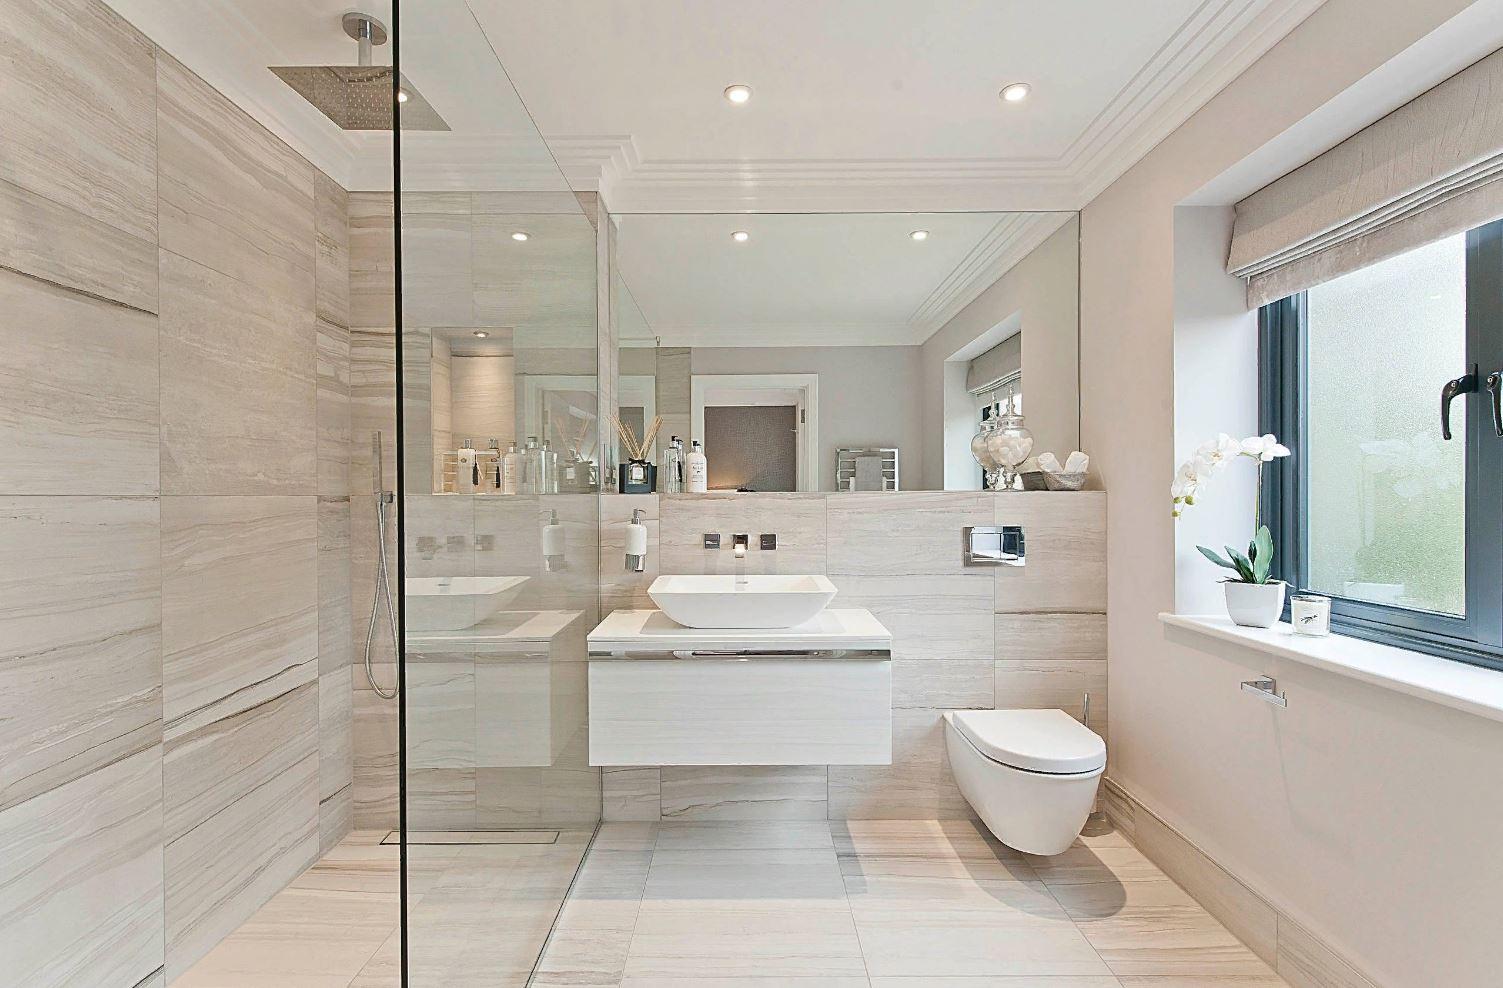 Дизайн ванной комнаты 2021: дизайнерские решения и стили